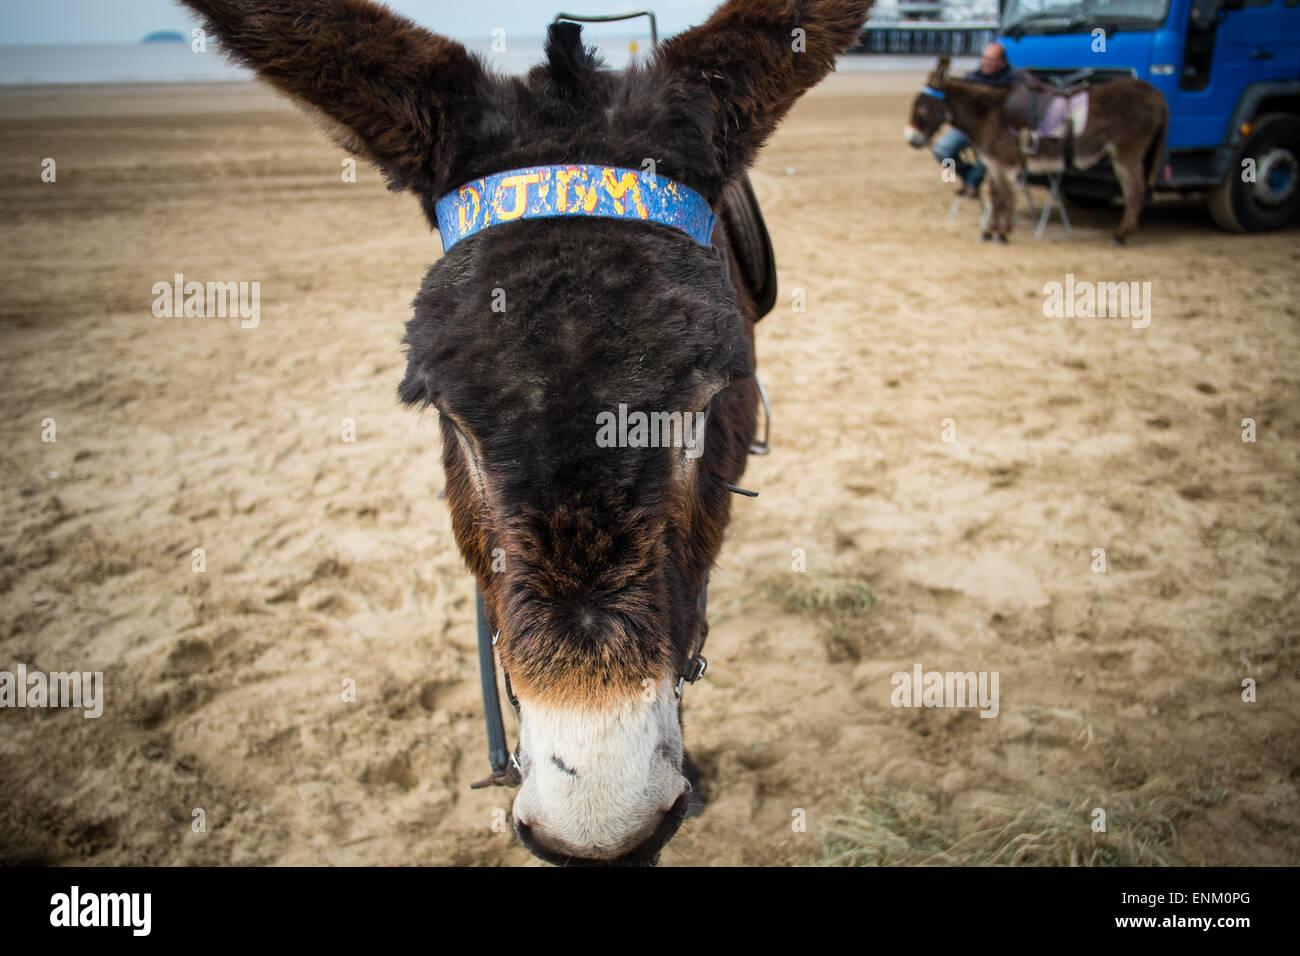 donkey at weston super mare - Stock Image